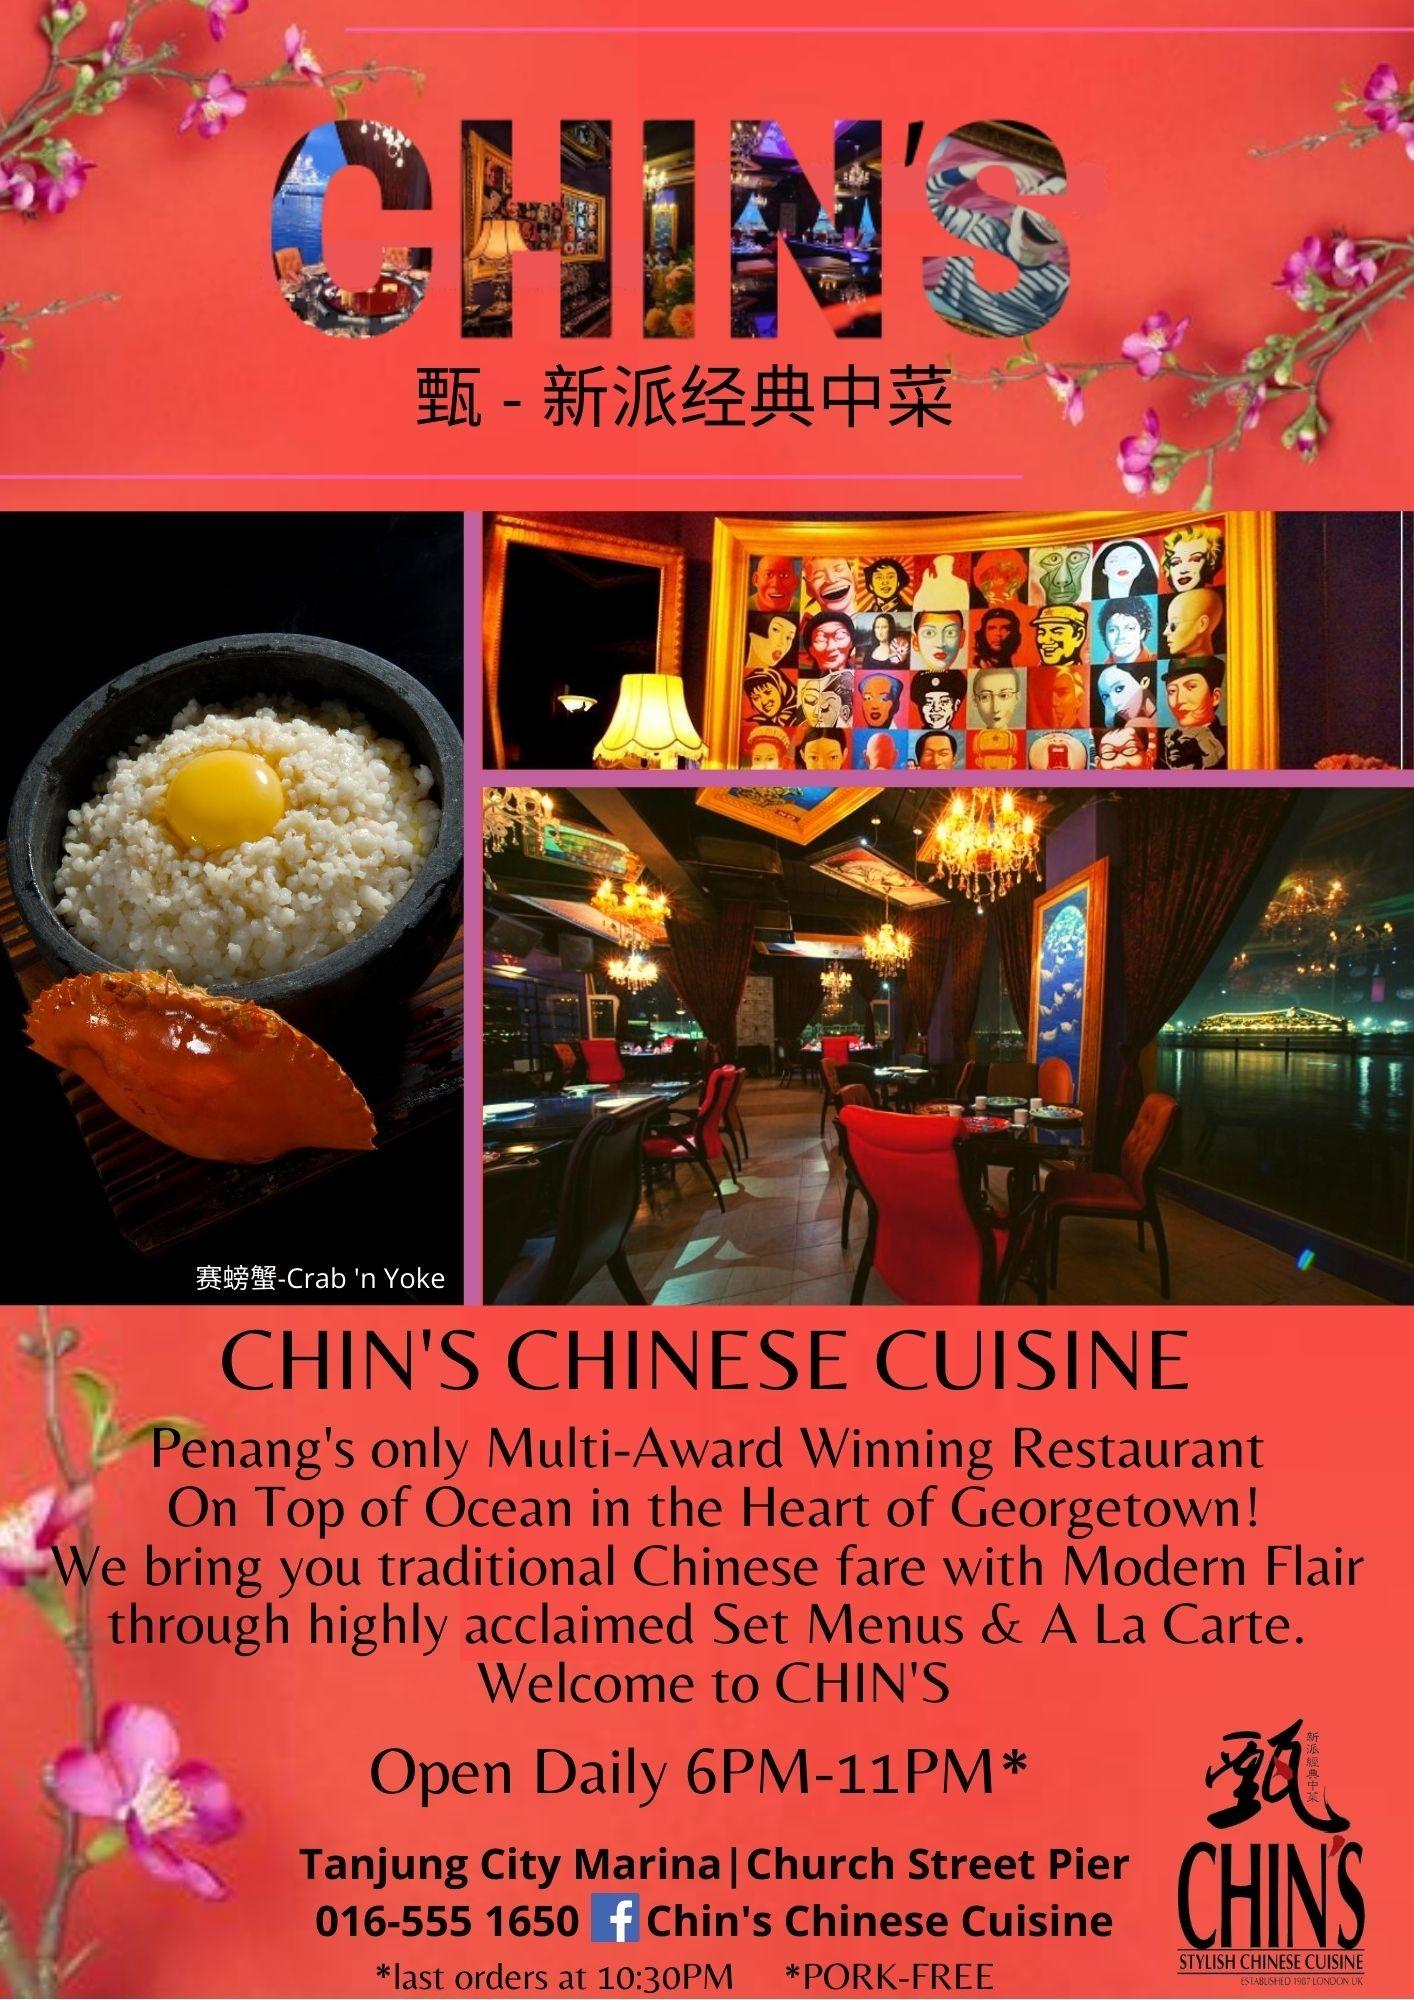 Chin's Chinese Cuisine